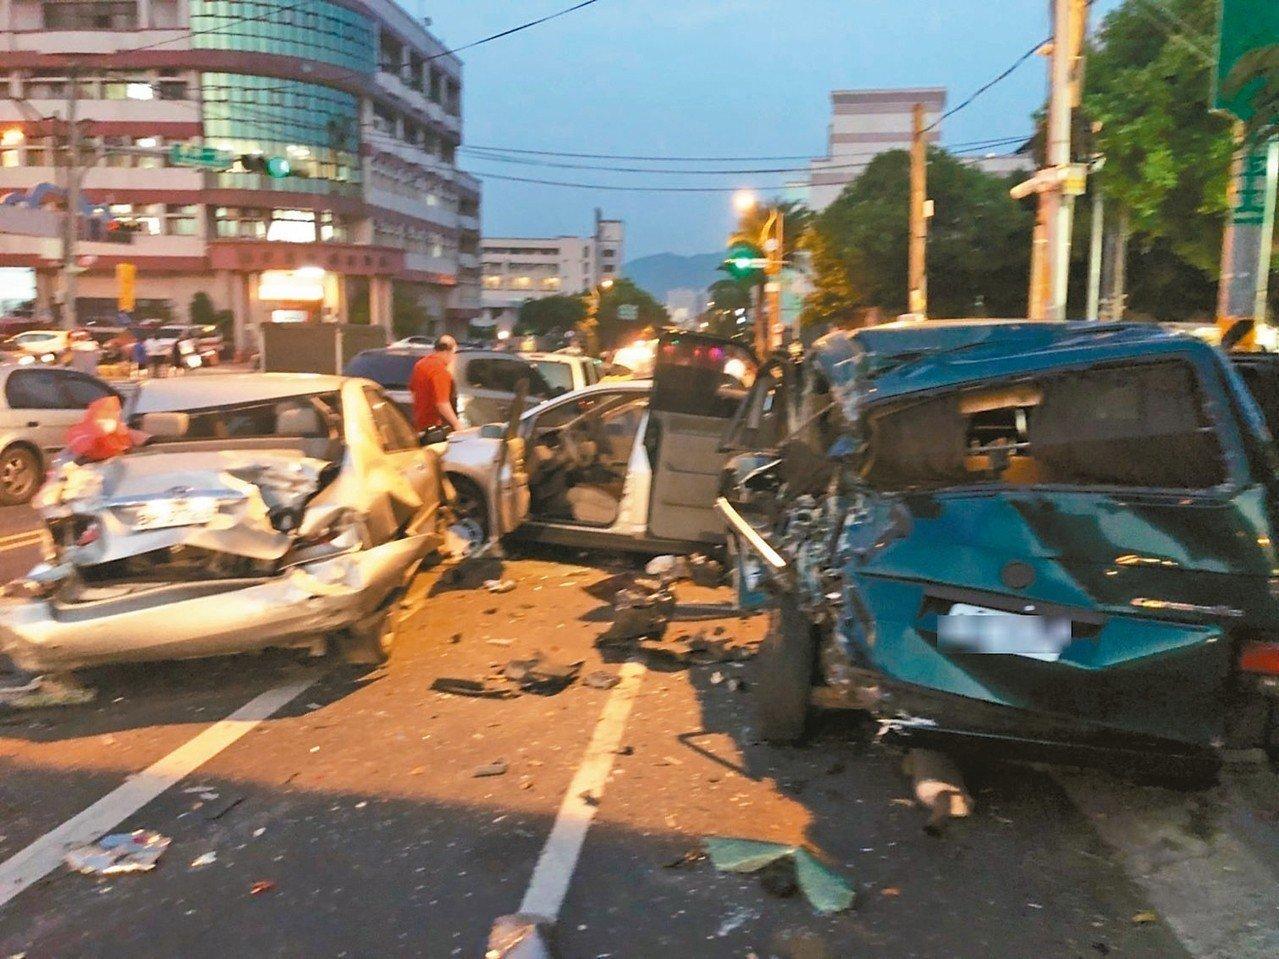 南投市民族路發生拖板車疑似煞車失靈的追撞車禍,造成20多輛汽機車受損,多人受傷。...